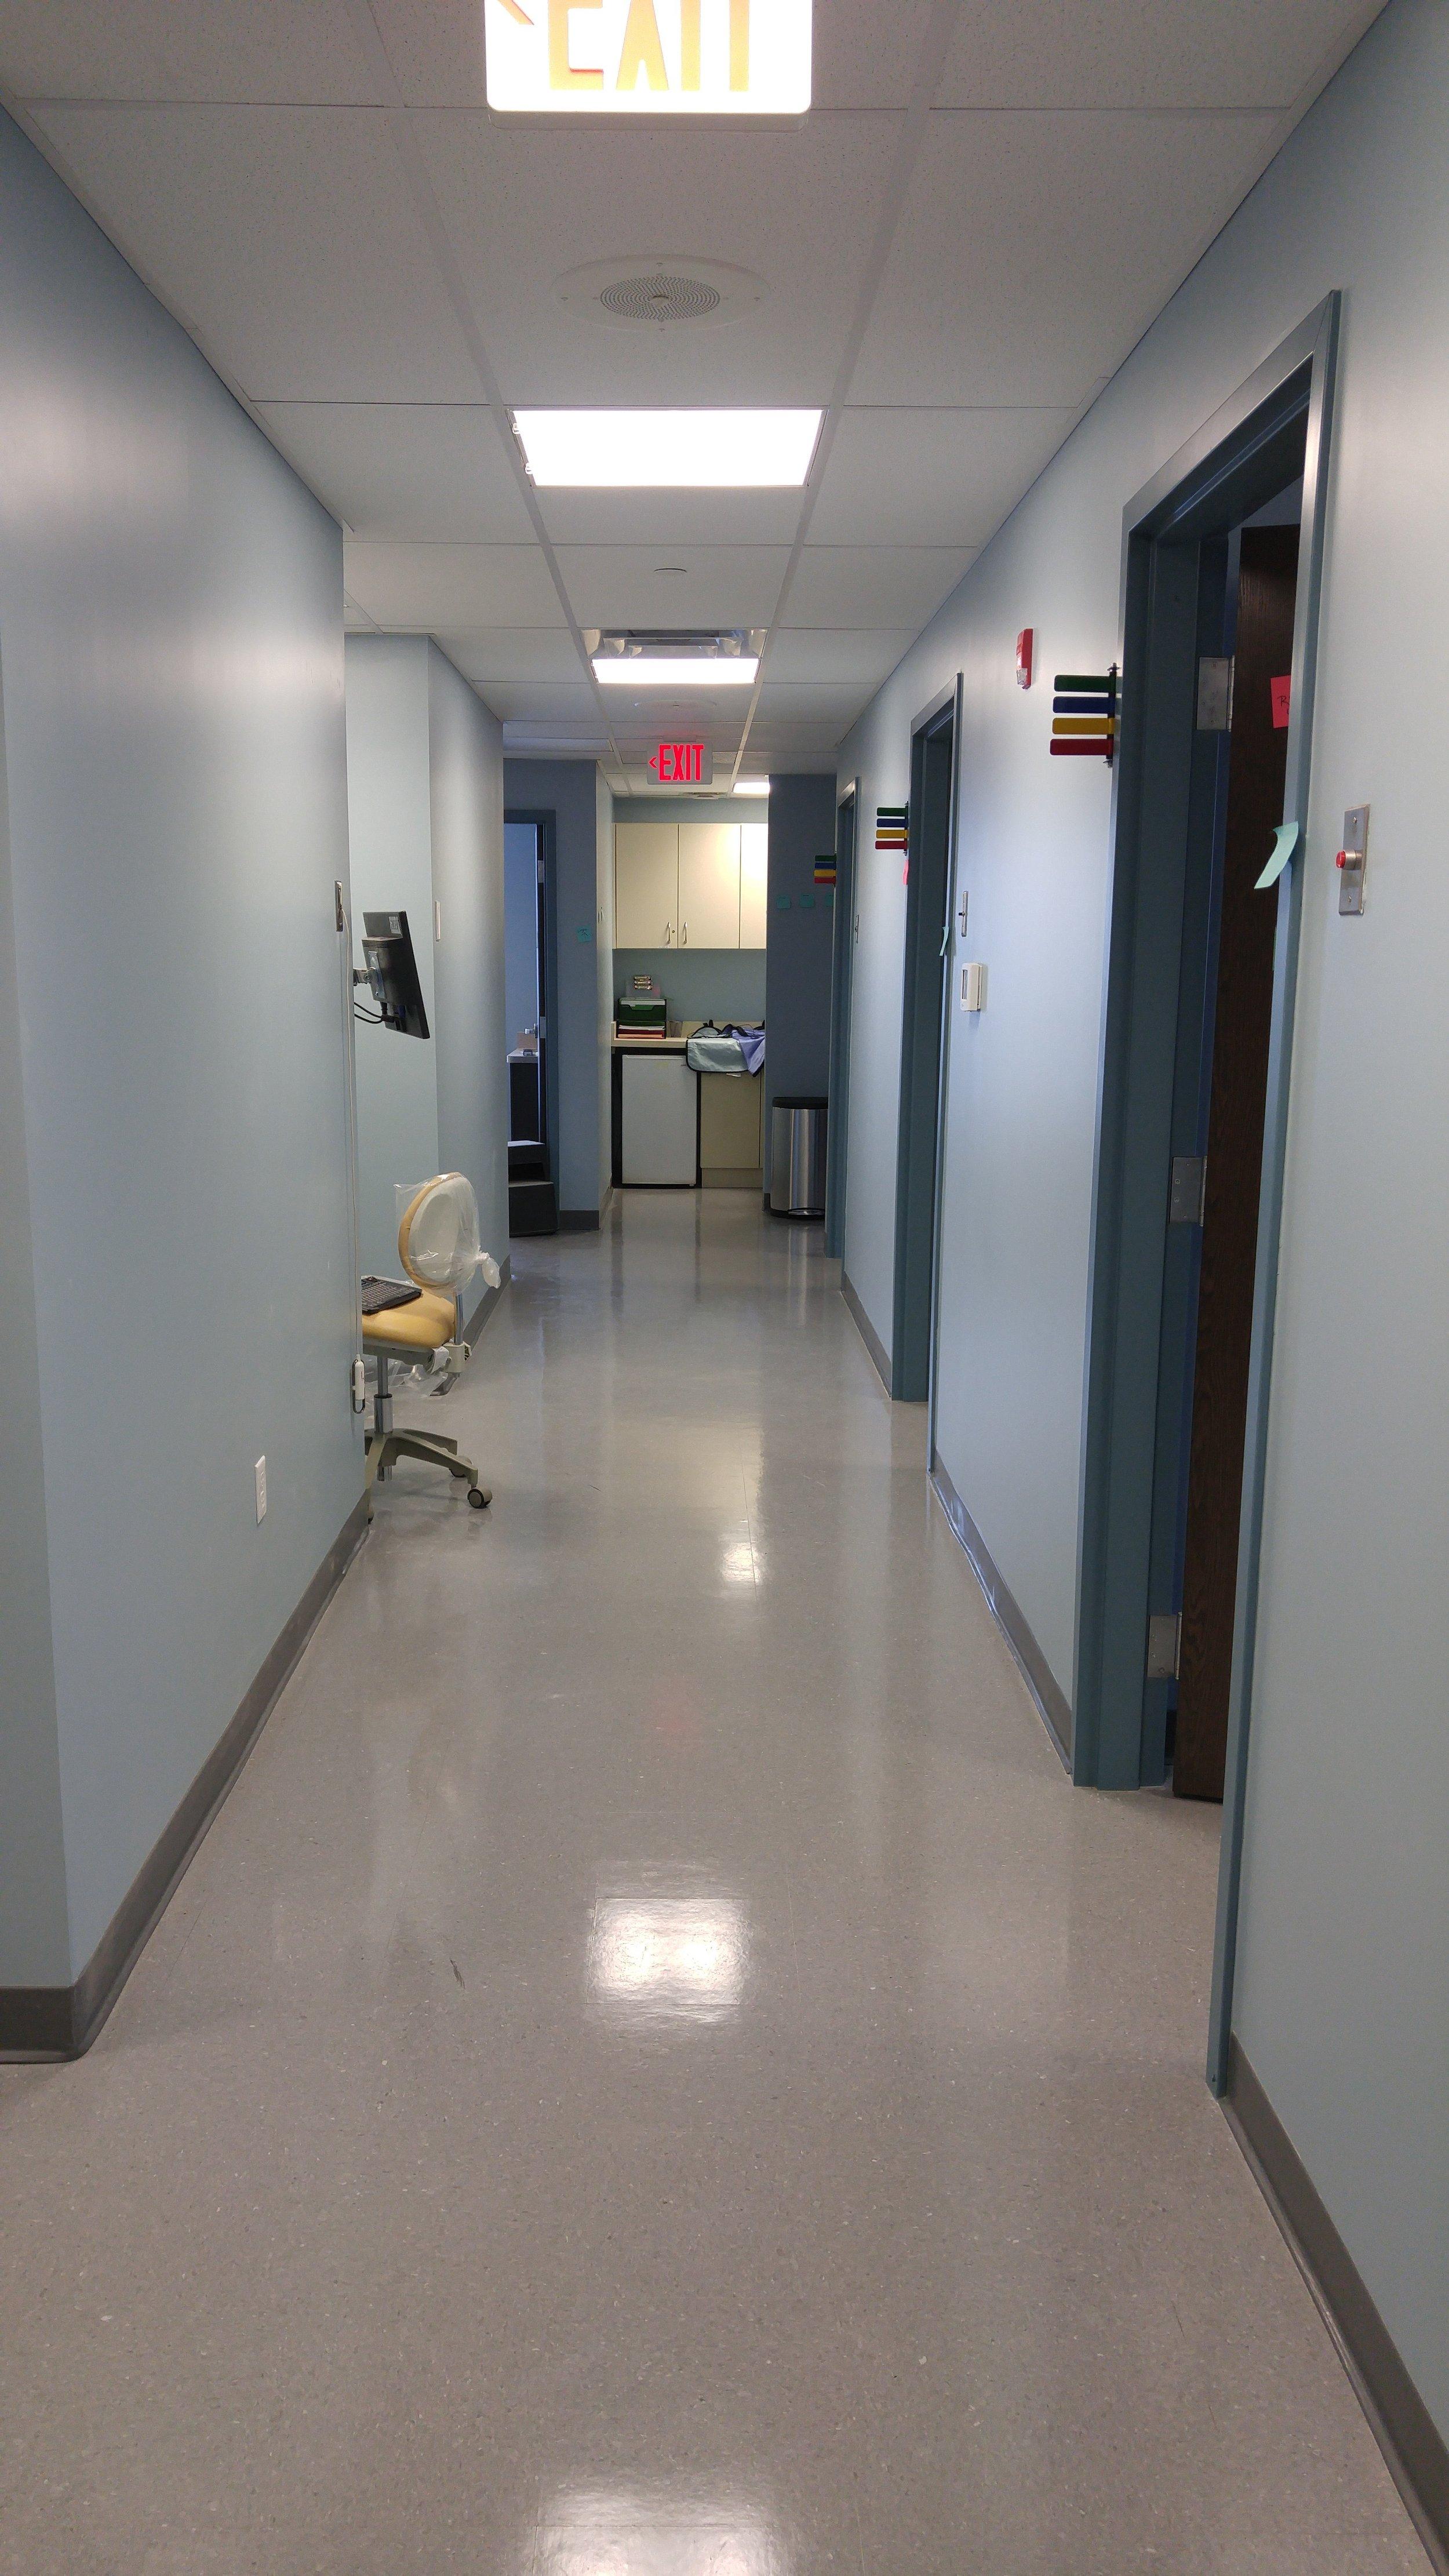 hospital hallway painting